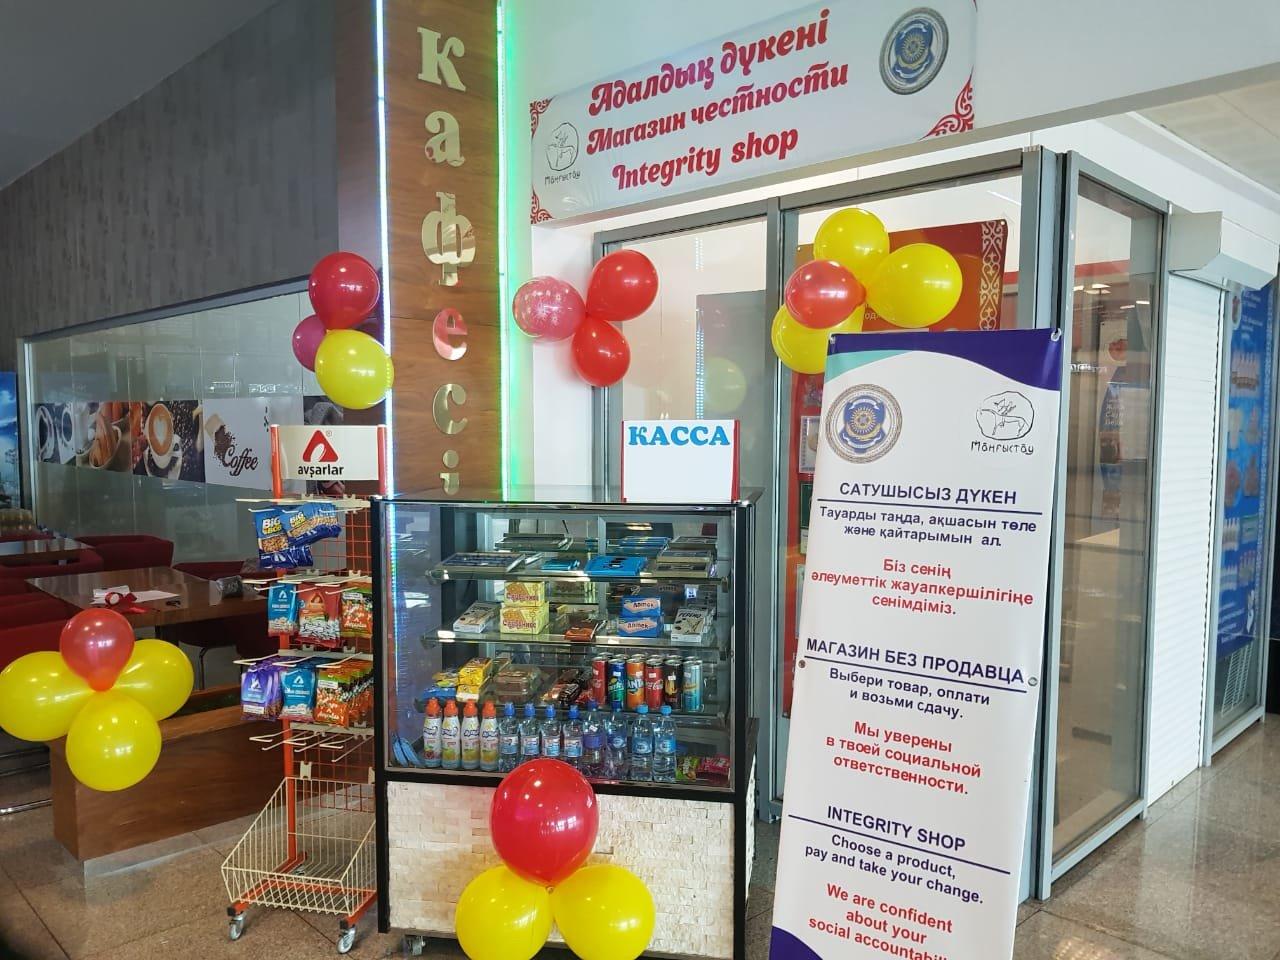 Магазин честности появился в аэропорту Актау, фото-3